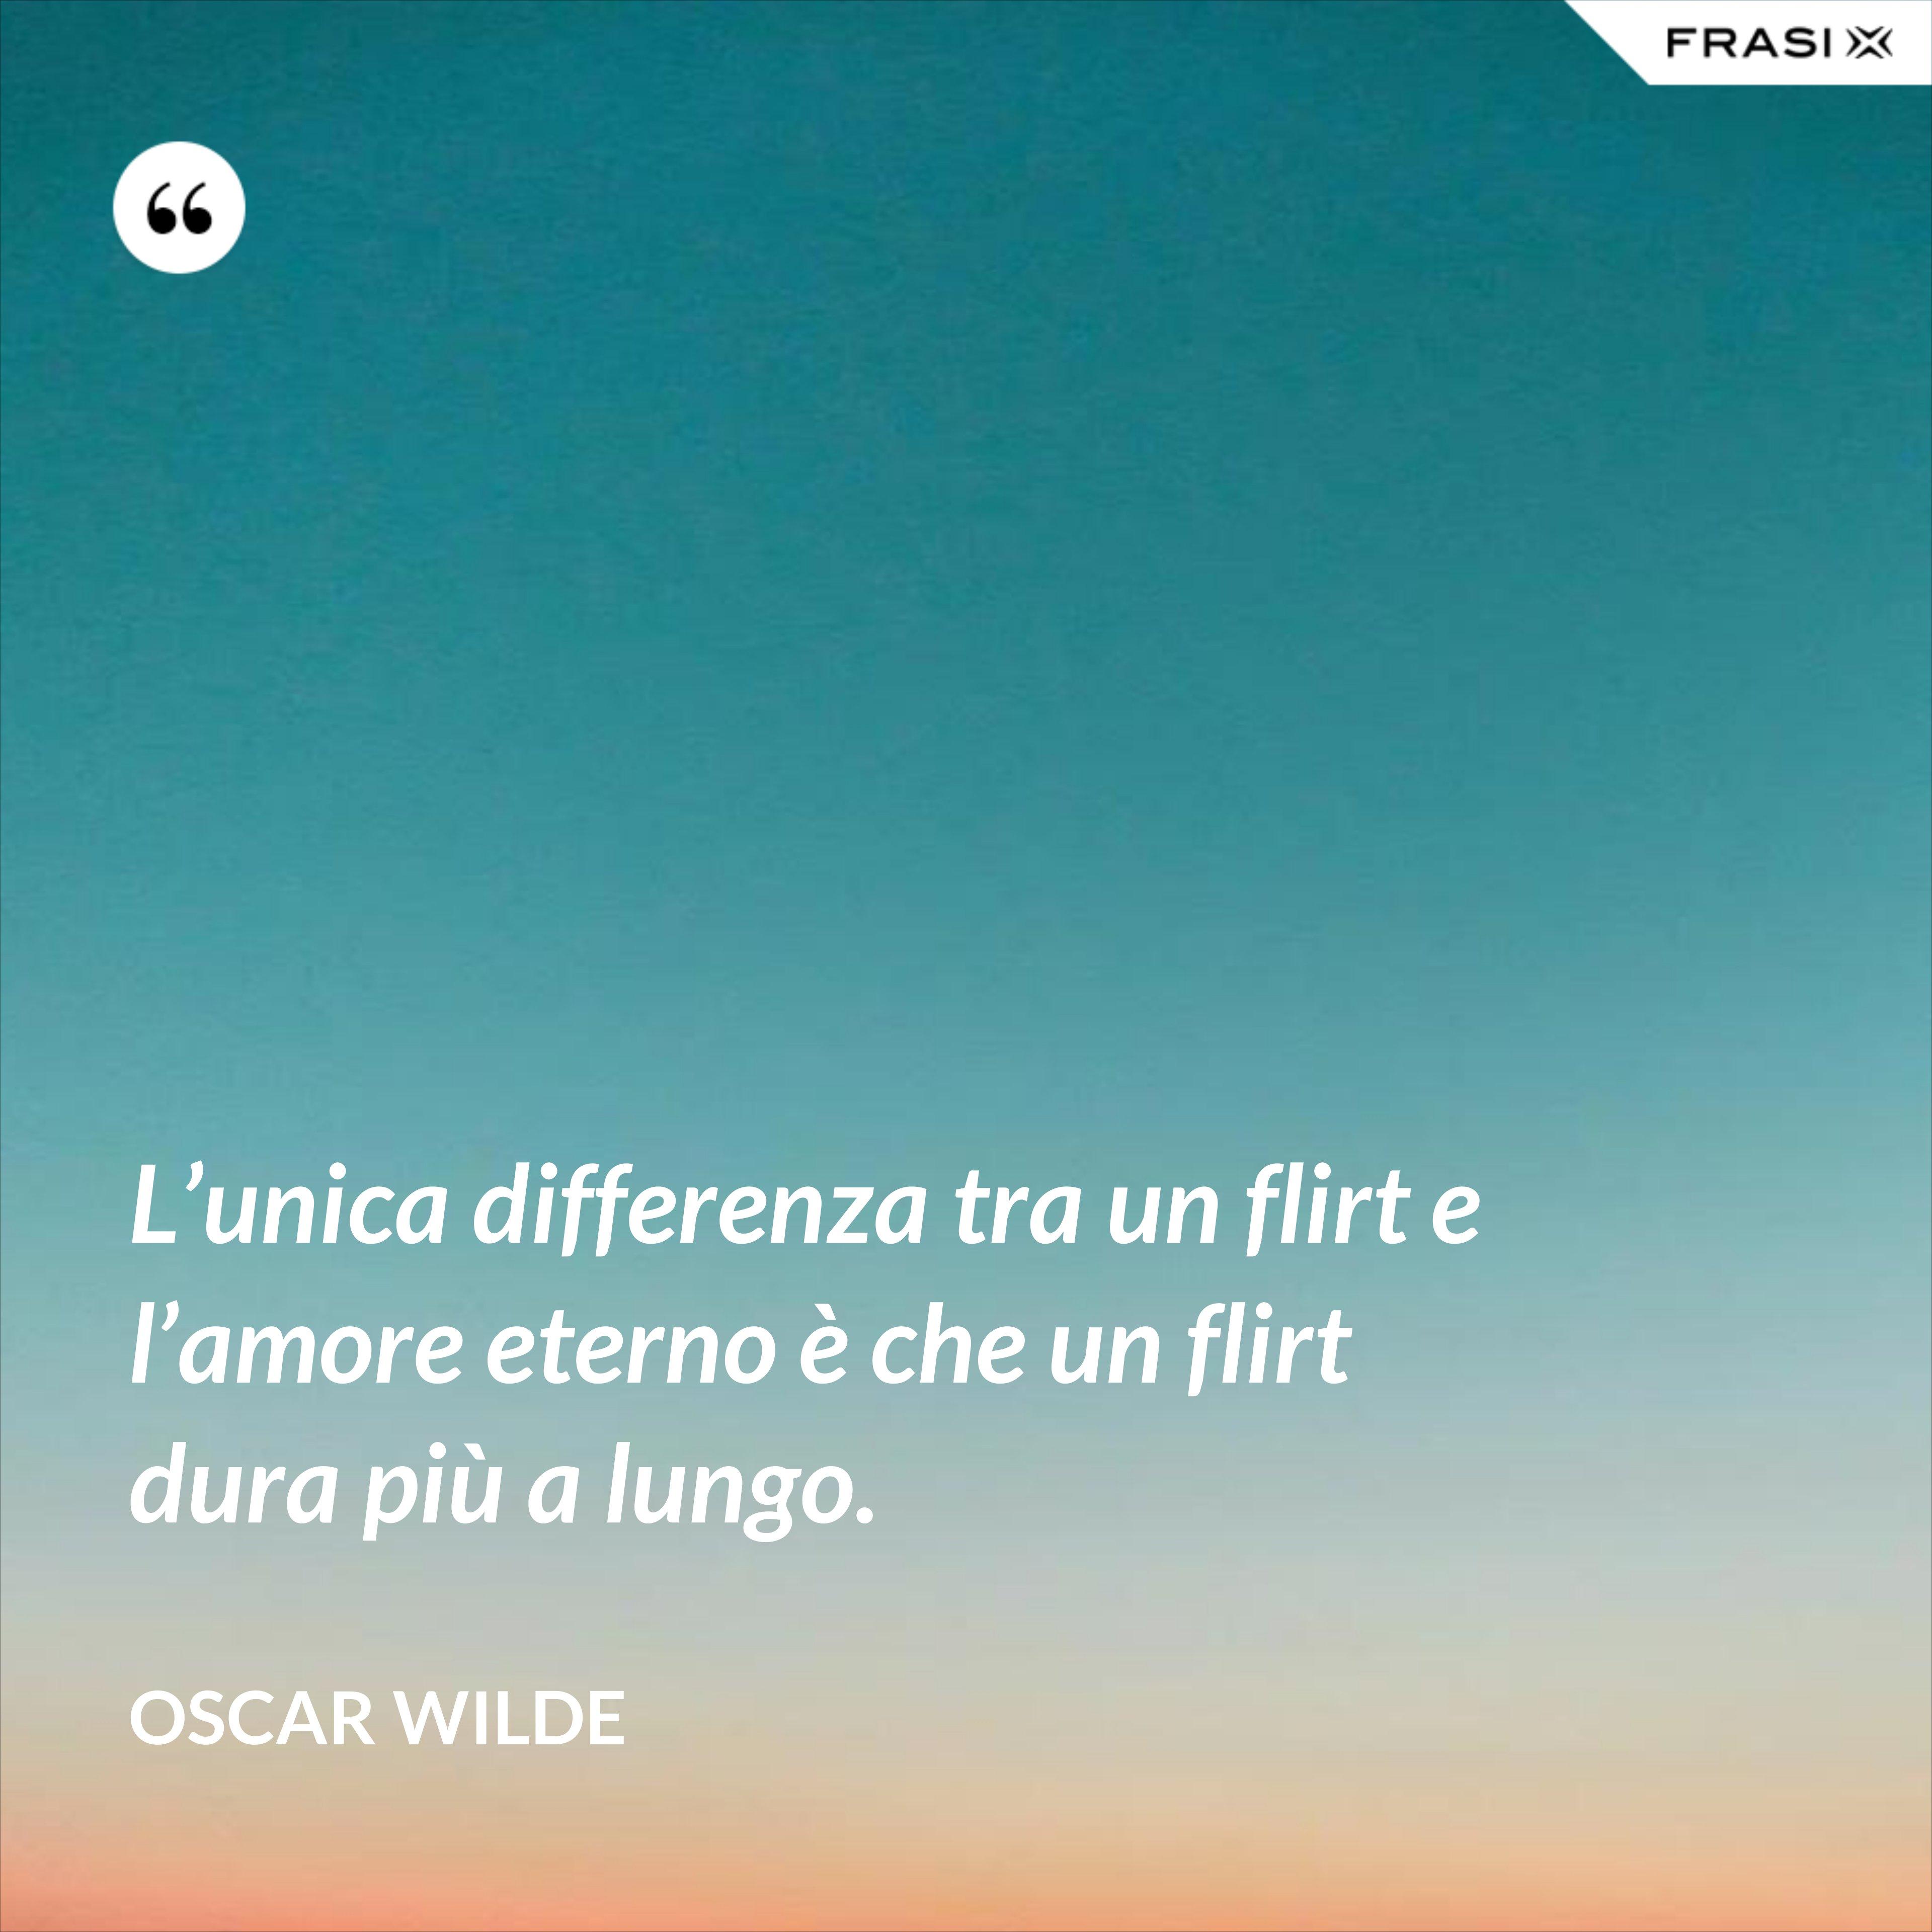 L'unica differenza tra un flirt e l'amore eterno è che un flirt dura più a lungo. - Oscar Wilde